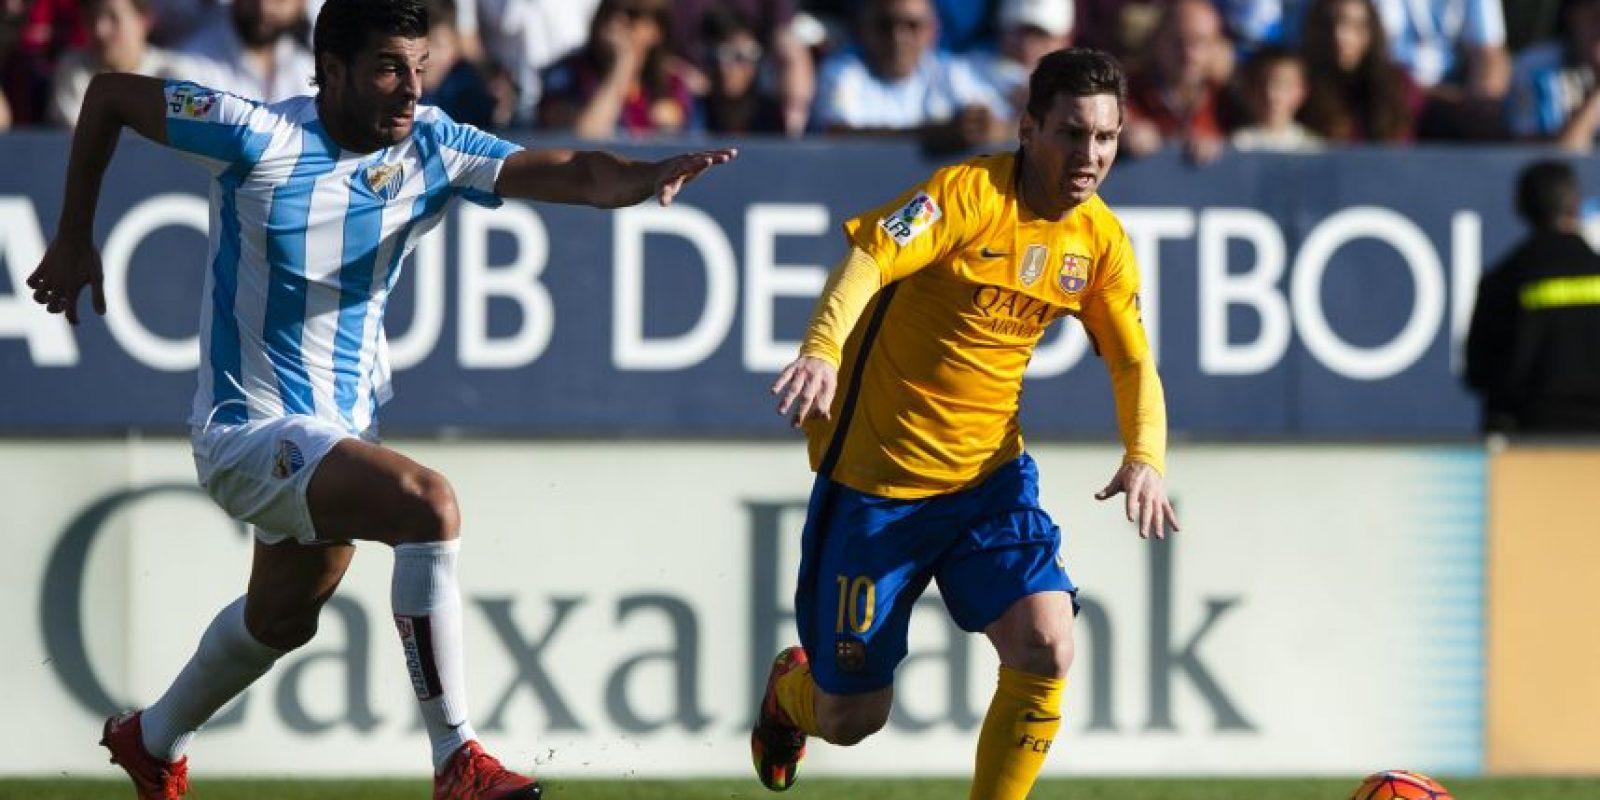 Acción del partido entre Málaga y FC Barcelona. Foto:AP